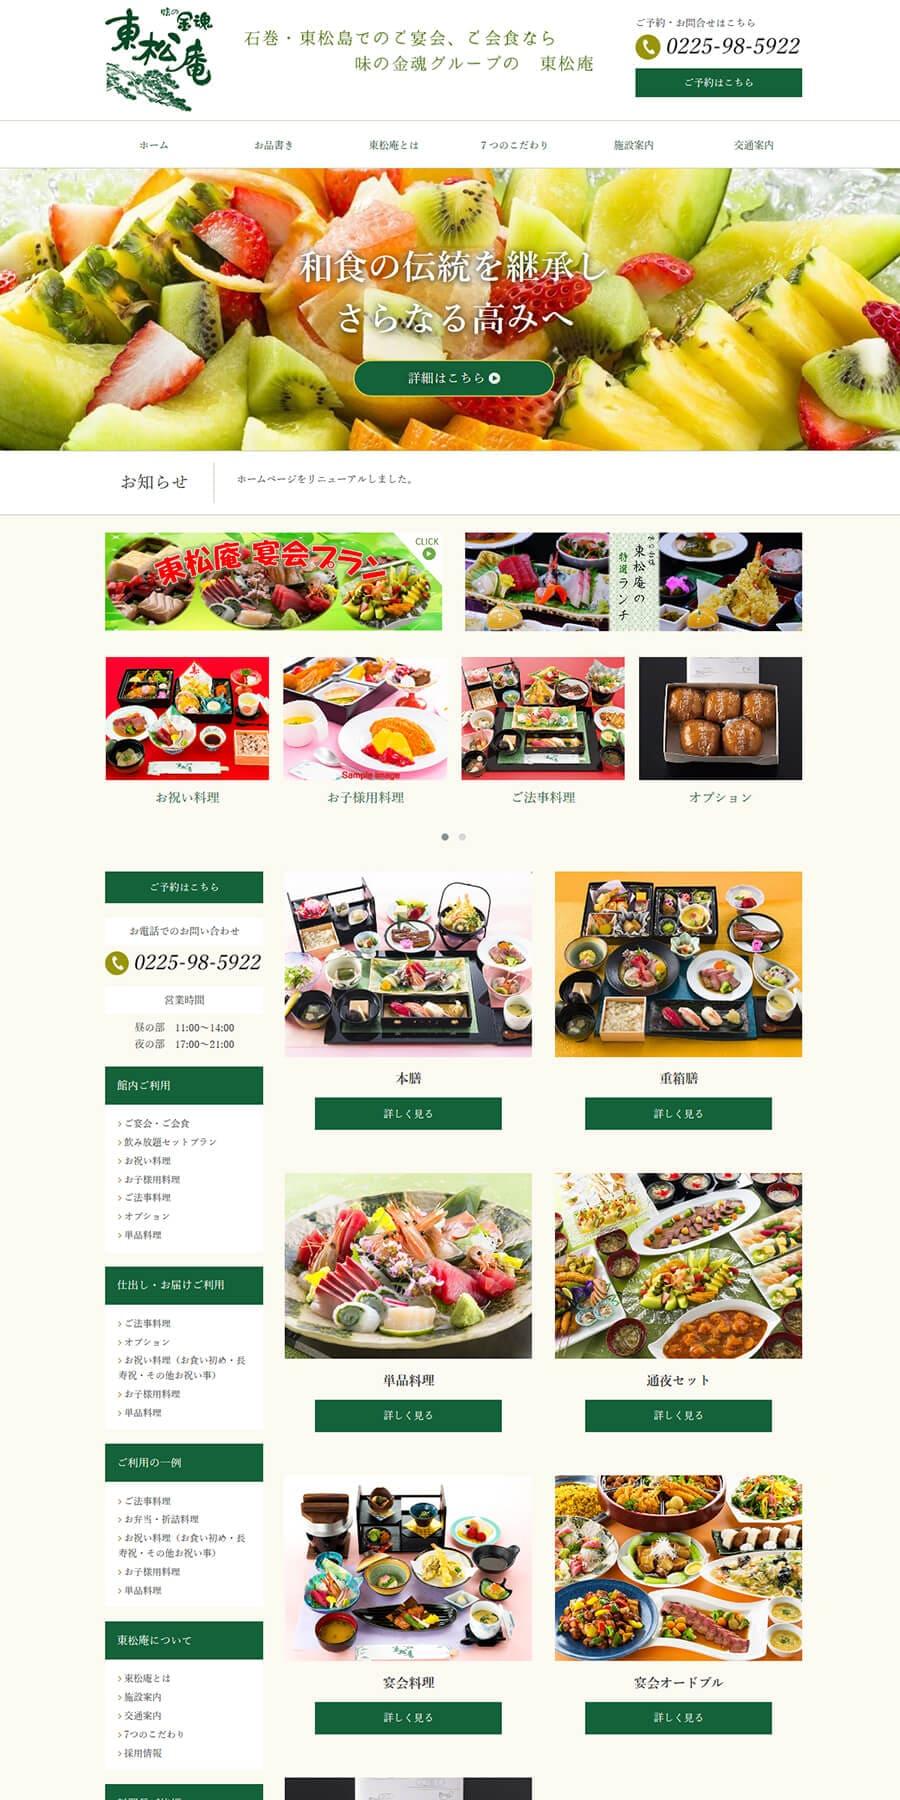 宮城県仙台市の会食・宴会場のホームページ新規作成